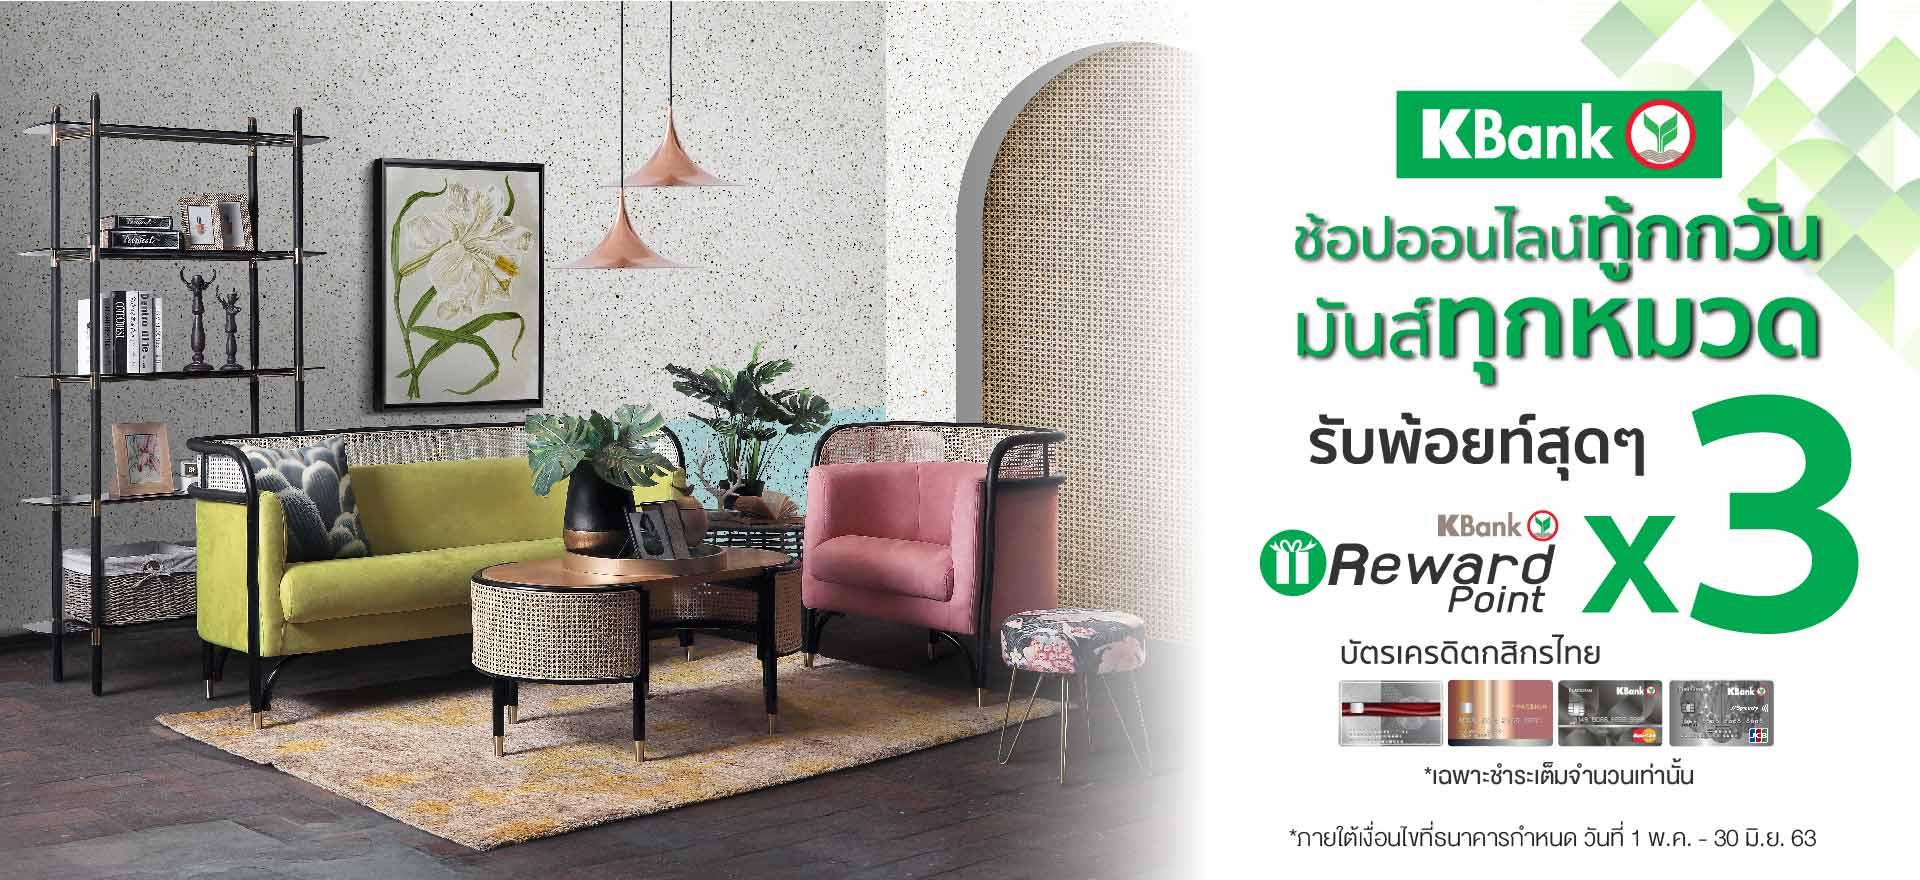 ช้อปออนไลน์ รับคะแนนสะสม X3 เมื่อใช้จ่ายผ่านบัตรเครดิตกสิกรไทย